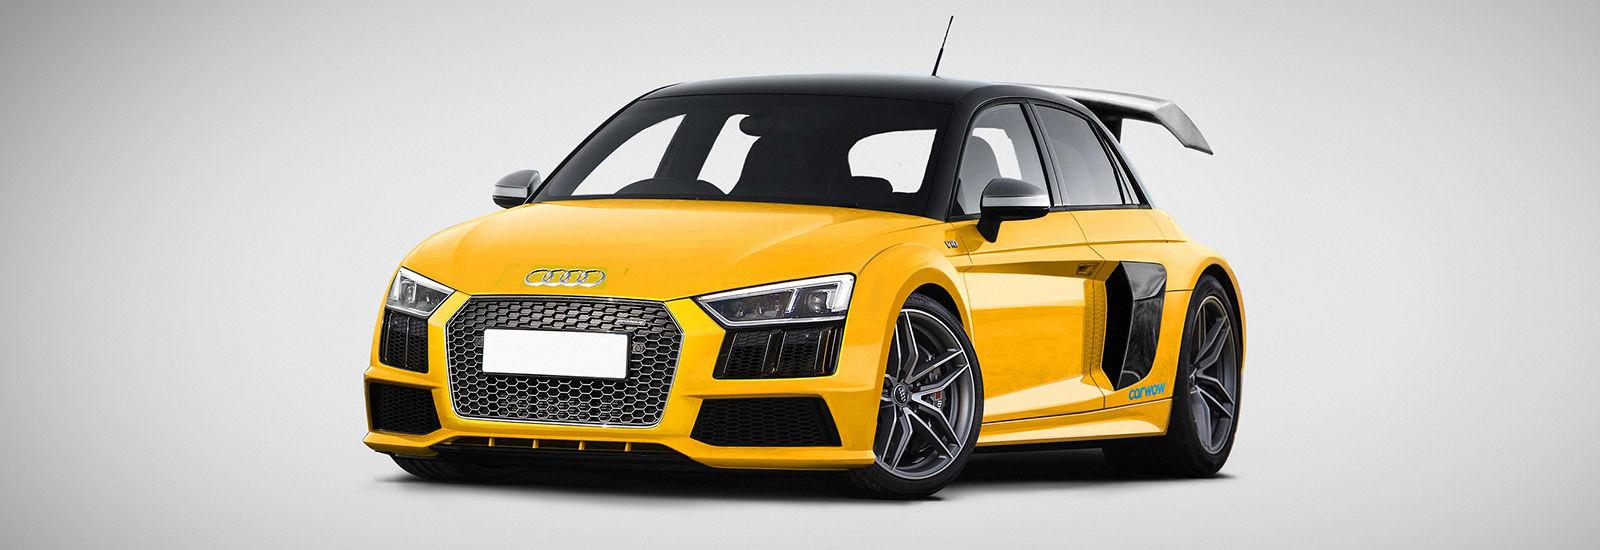 Audi_R8S1